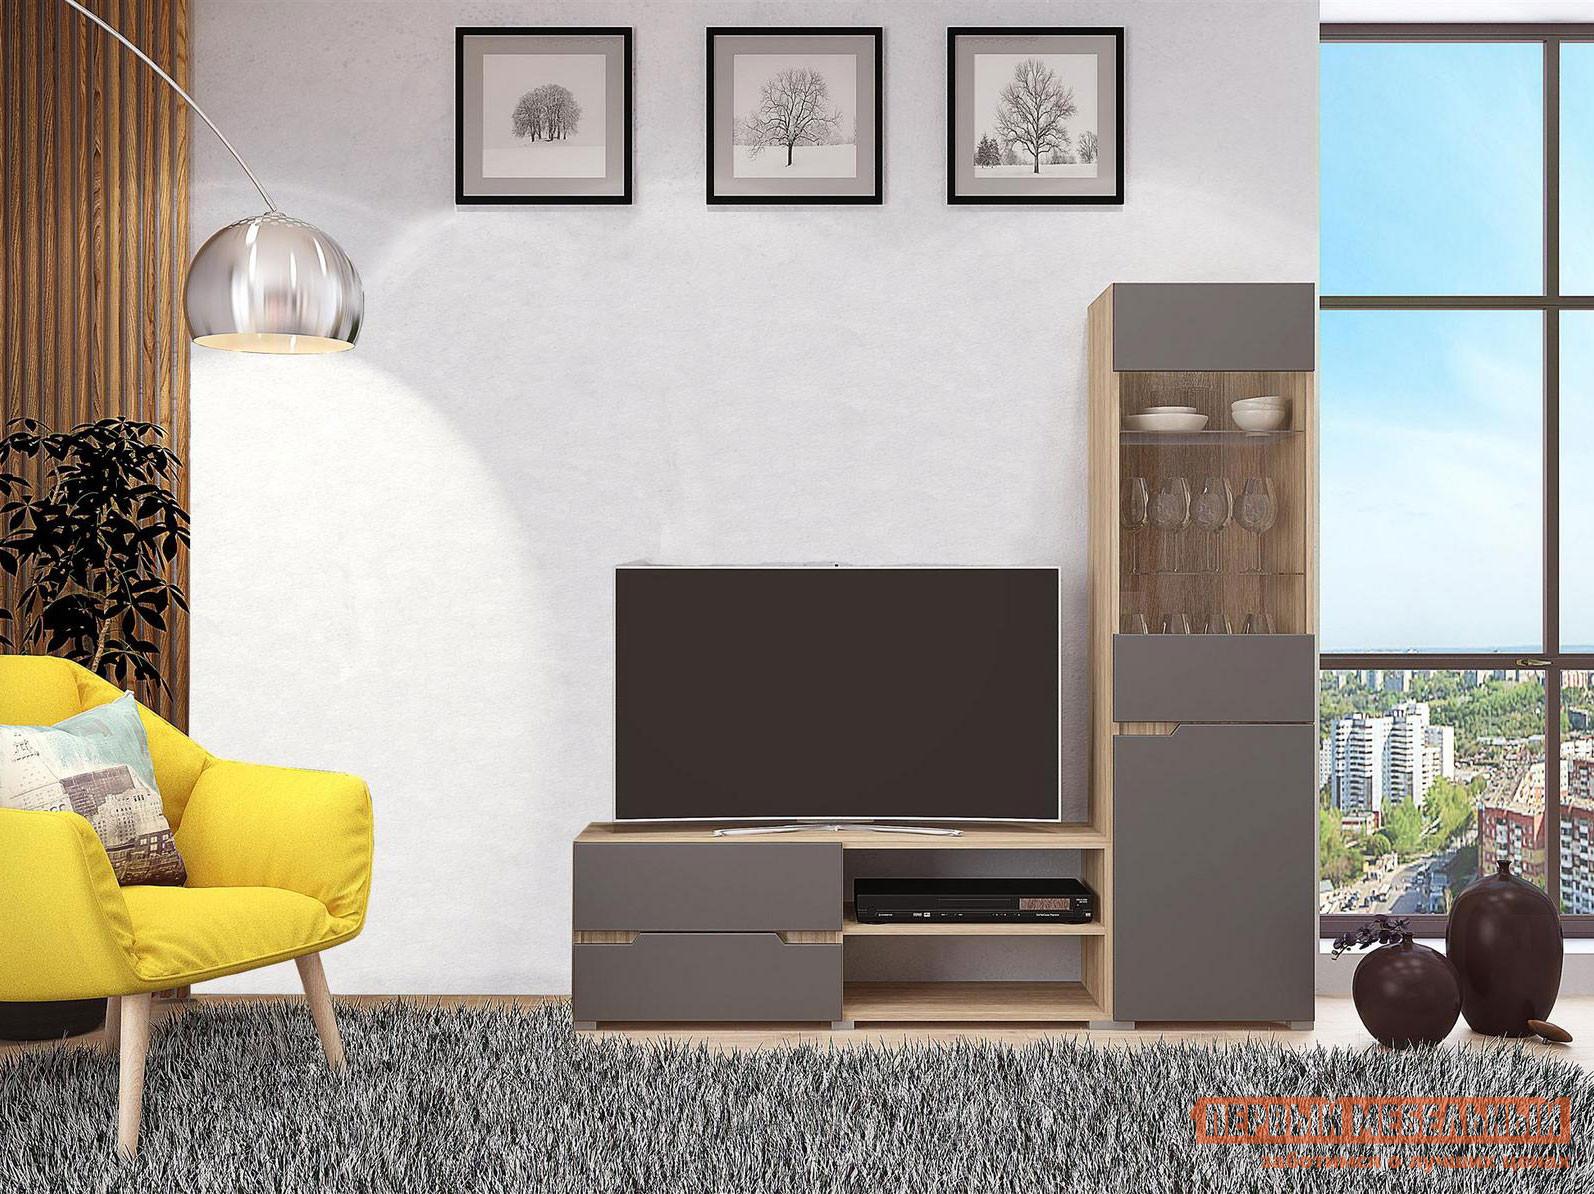 Гостиная Первый Мебельный Гостиная Анталия-1 гостиная первый мебельный гостиная диаманд